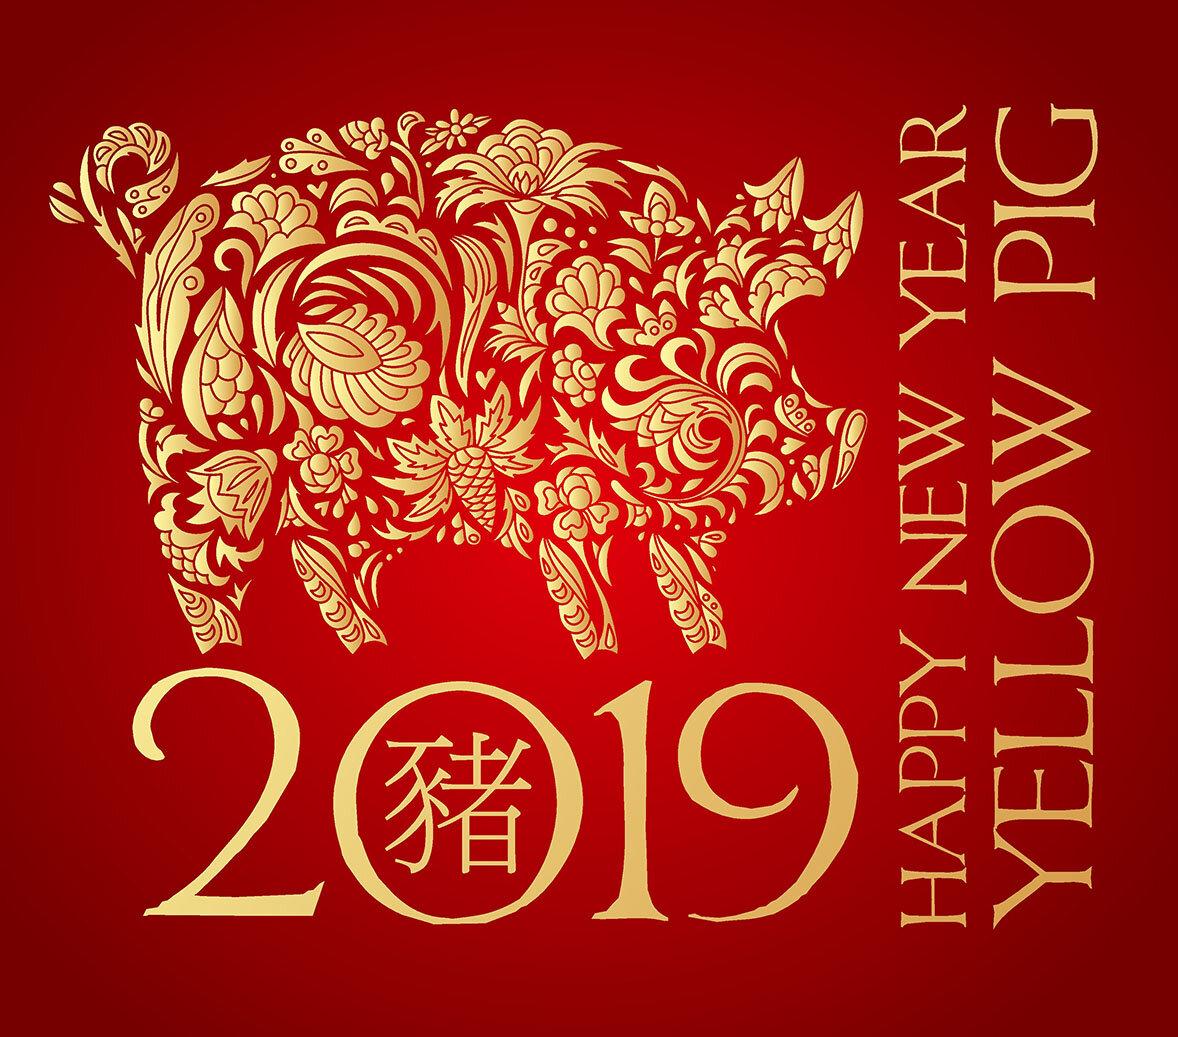 Открытки год свиньи китайскому календарю, анимации медицина поздравления